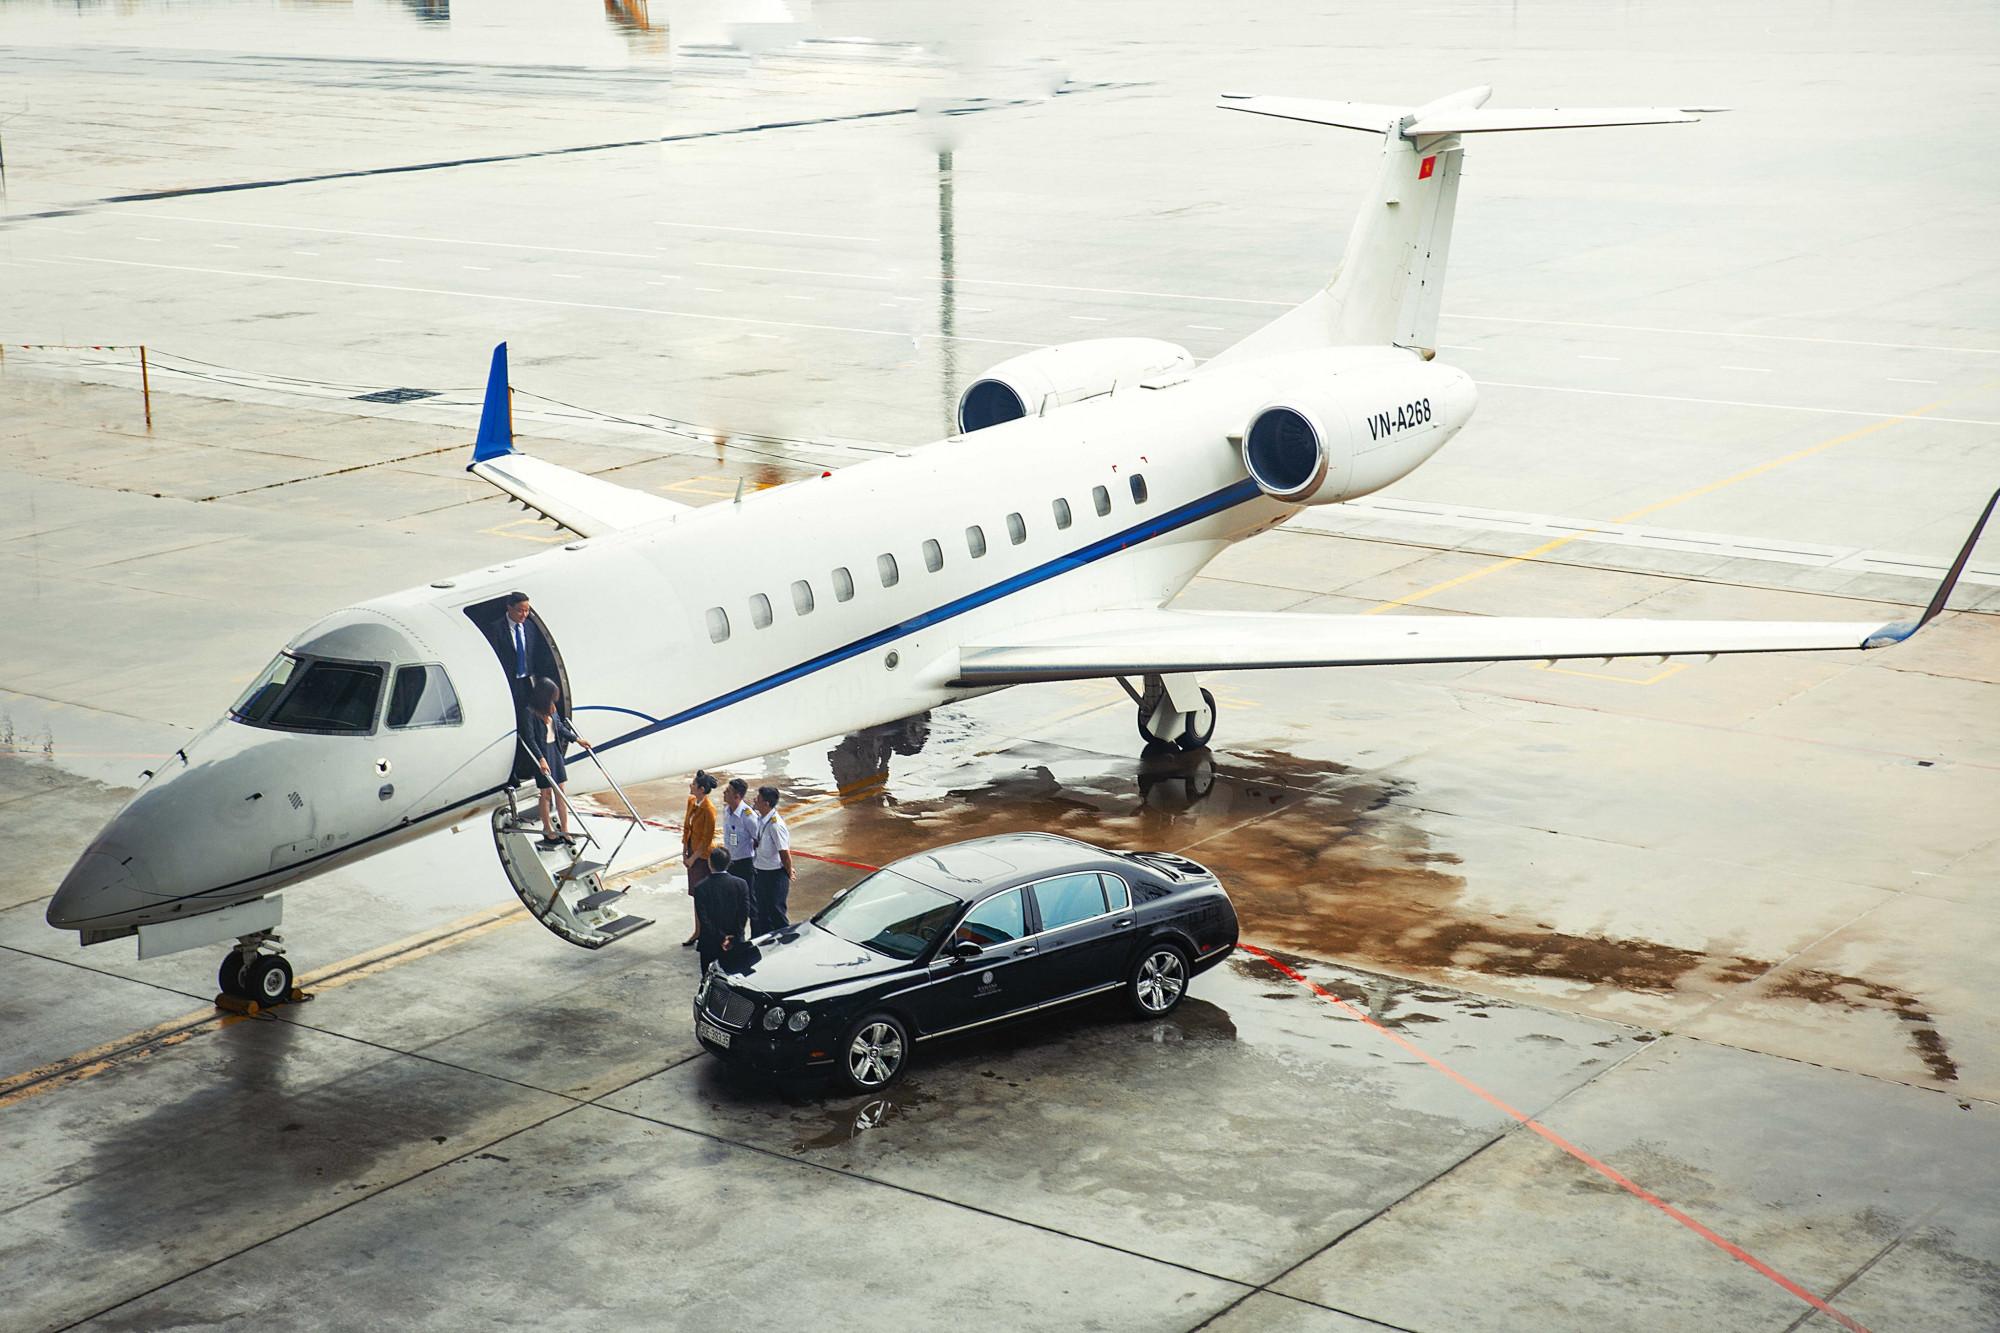 Hàng không được dự báo là một trong những nhóm ngành hồi phục đầu tiên sau đại dịch - Ảnh: Vietstar Airlines